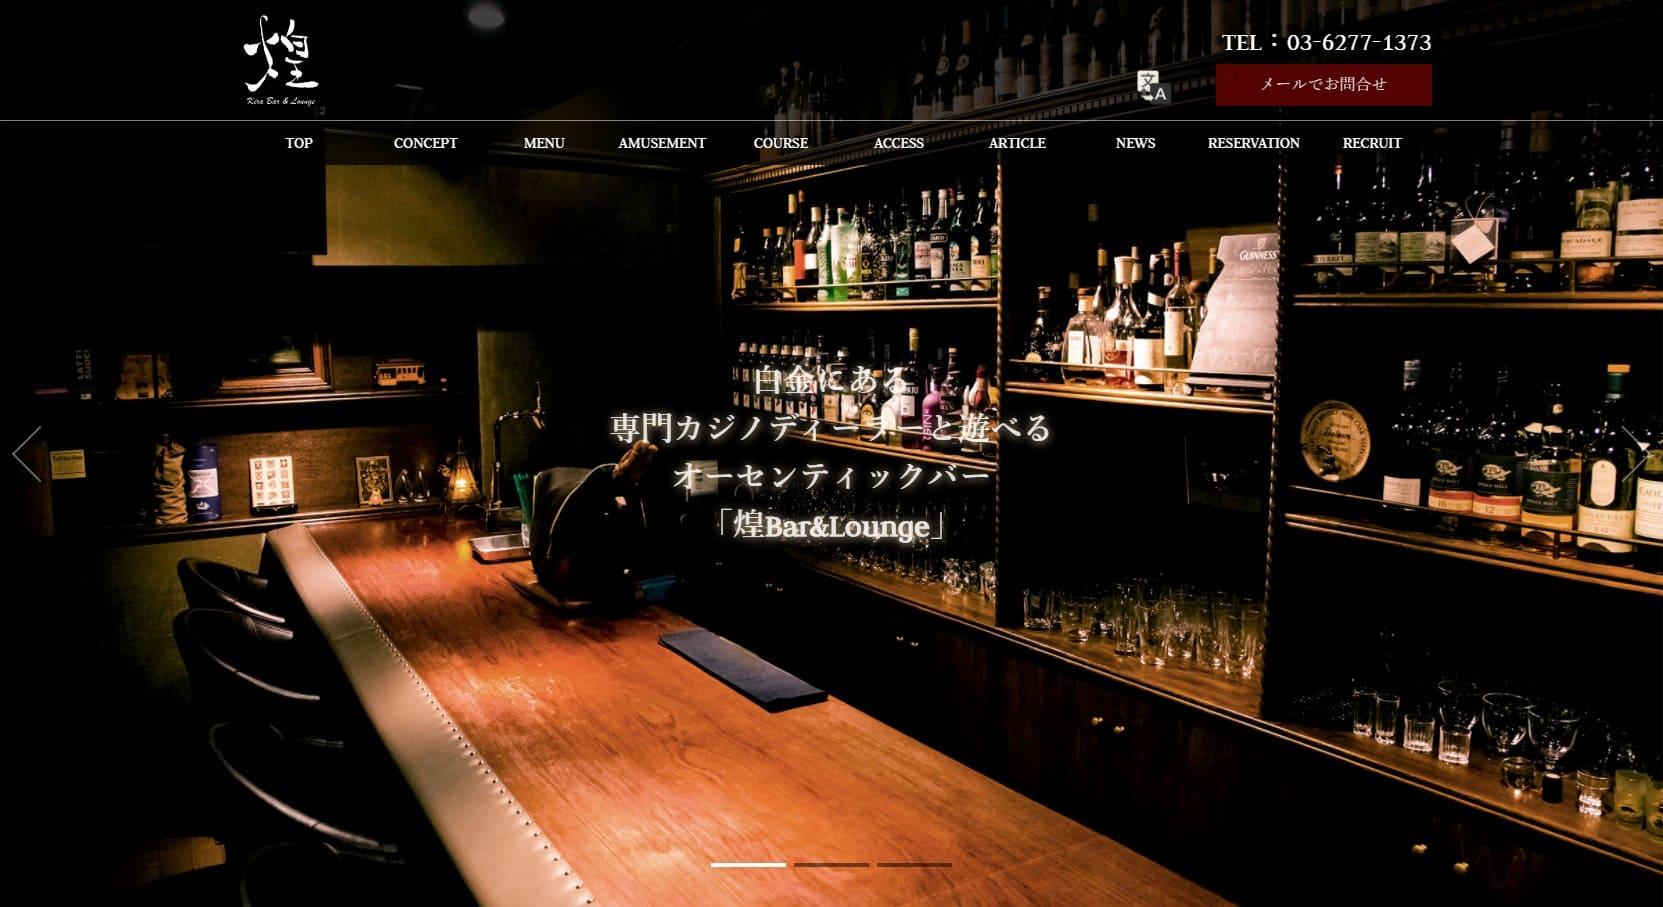 煌Bar&Loungeウェブサイト画像。